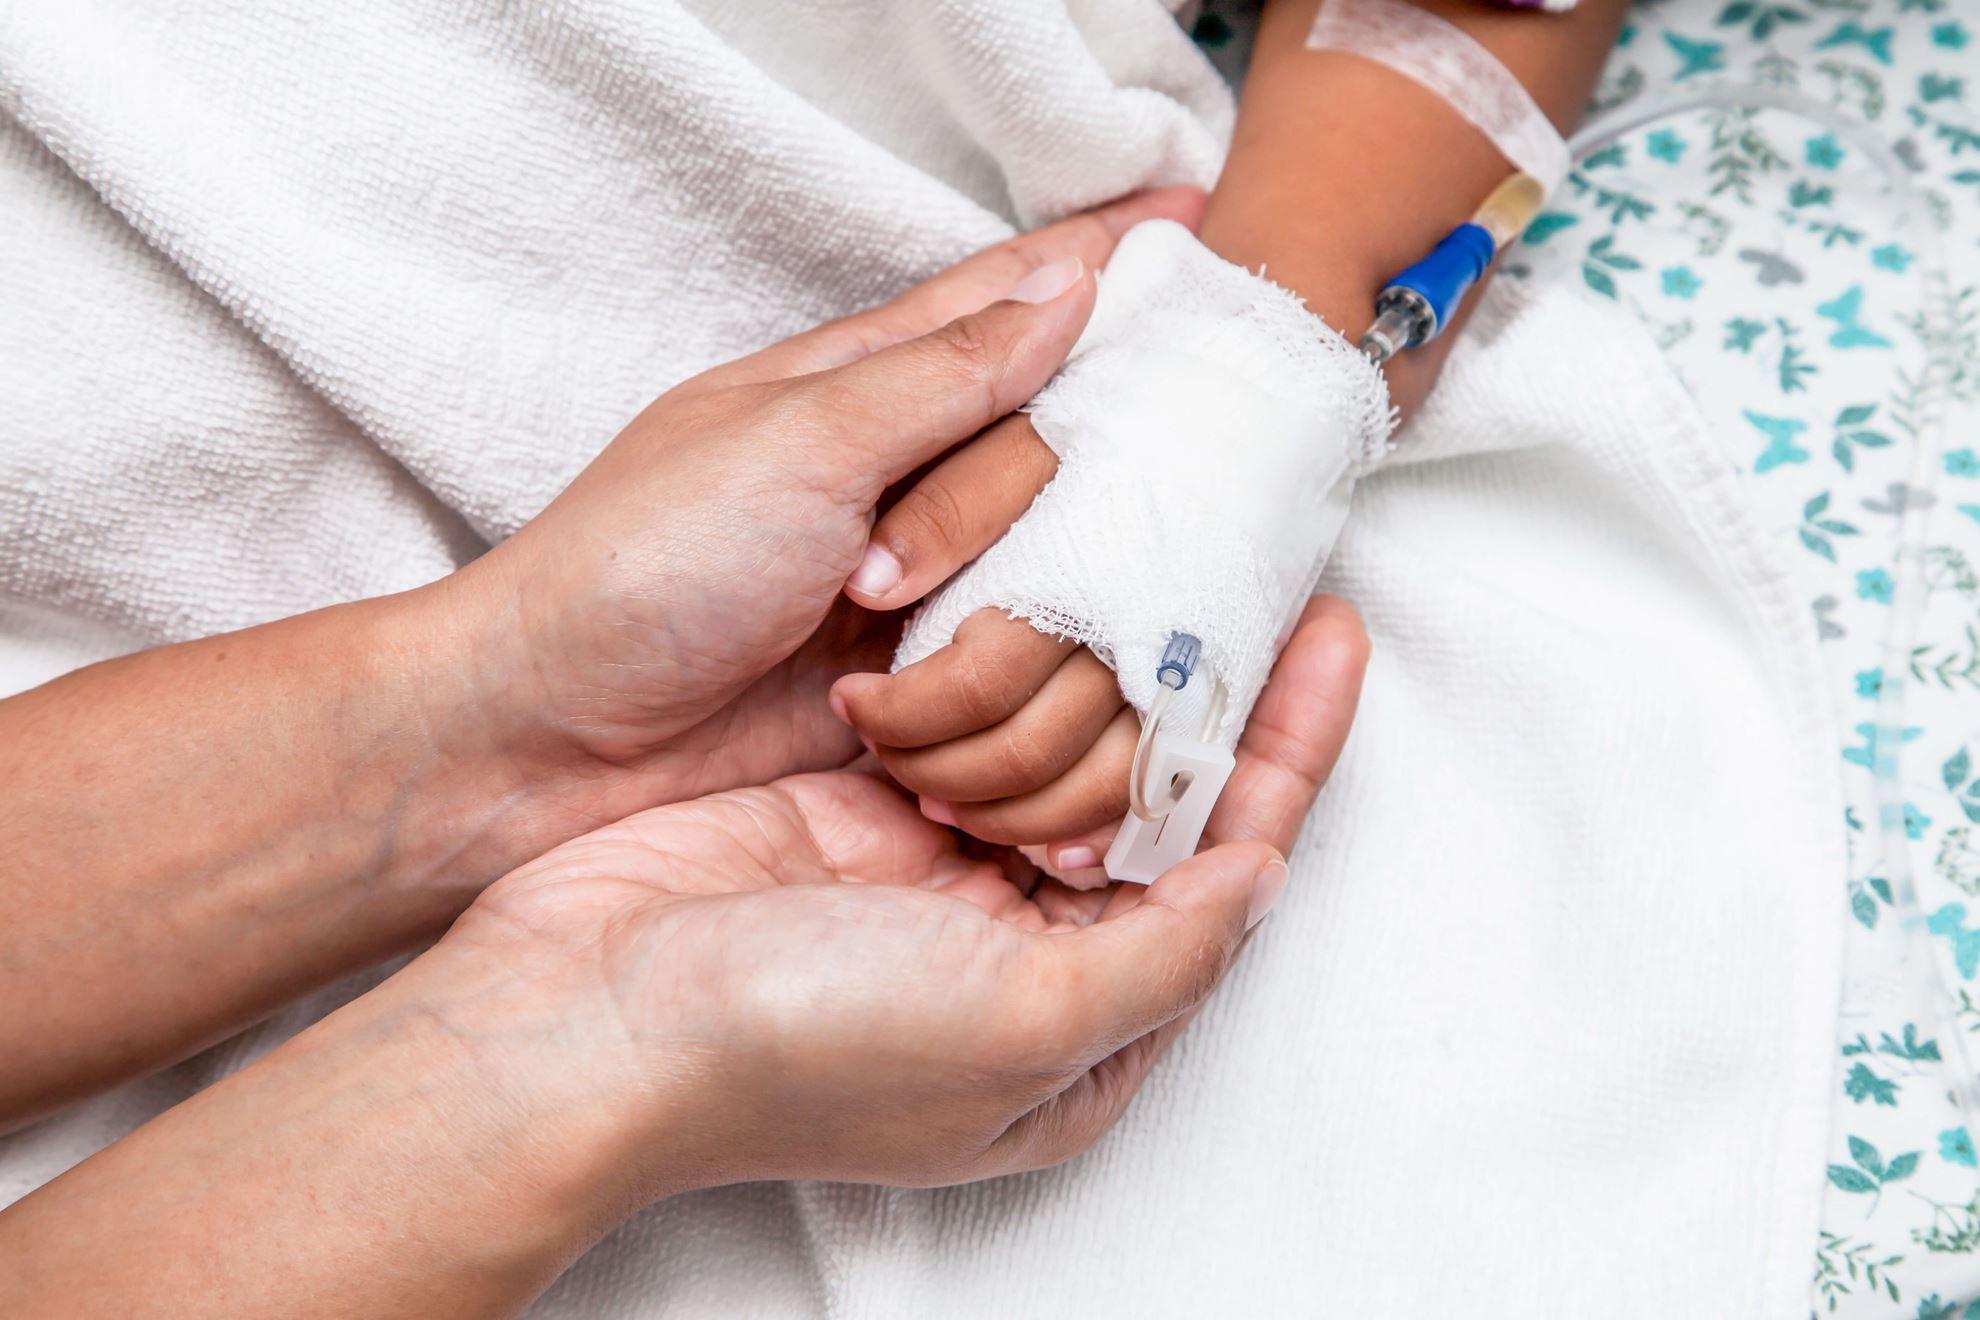 الهه ۲ ساله به علت درد شکم در بیمارستان بستری شده است.